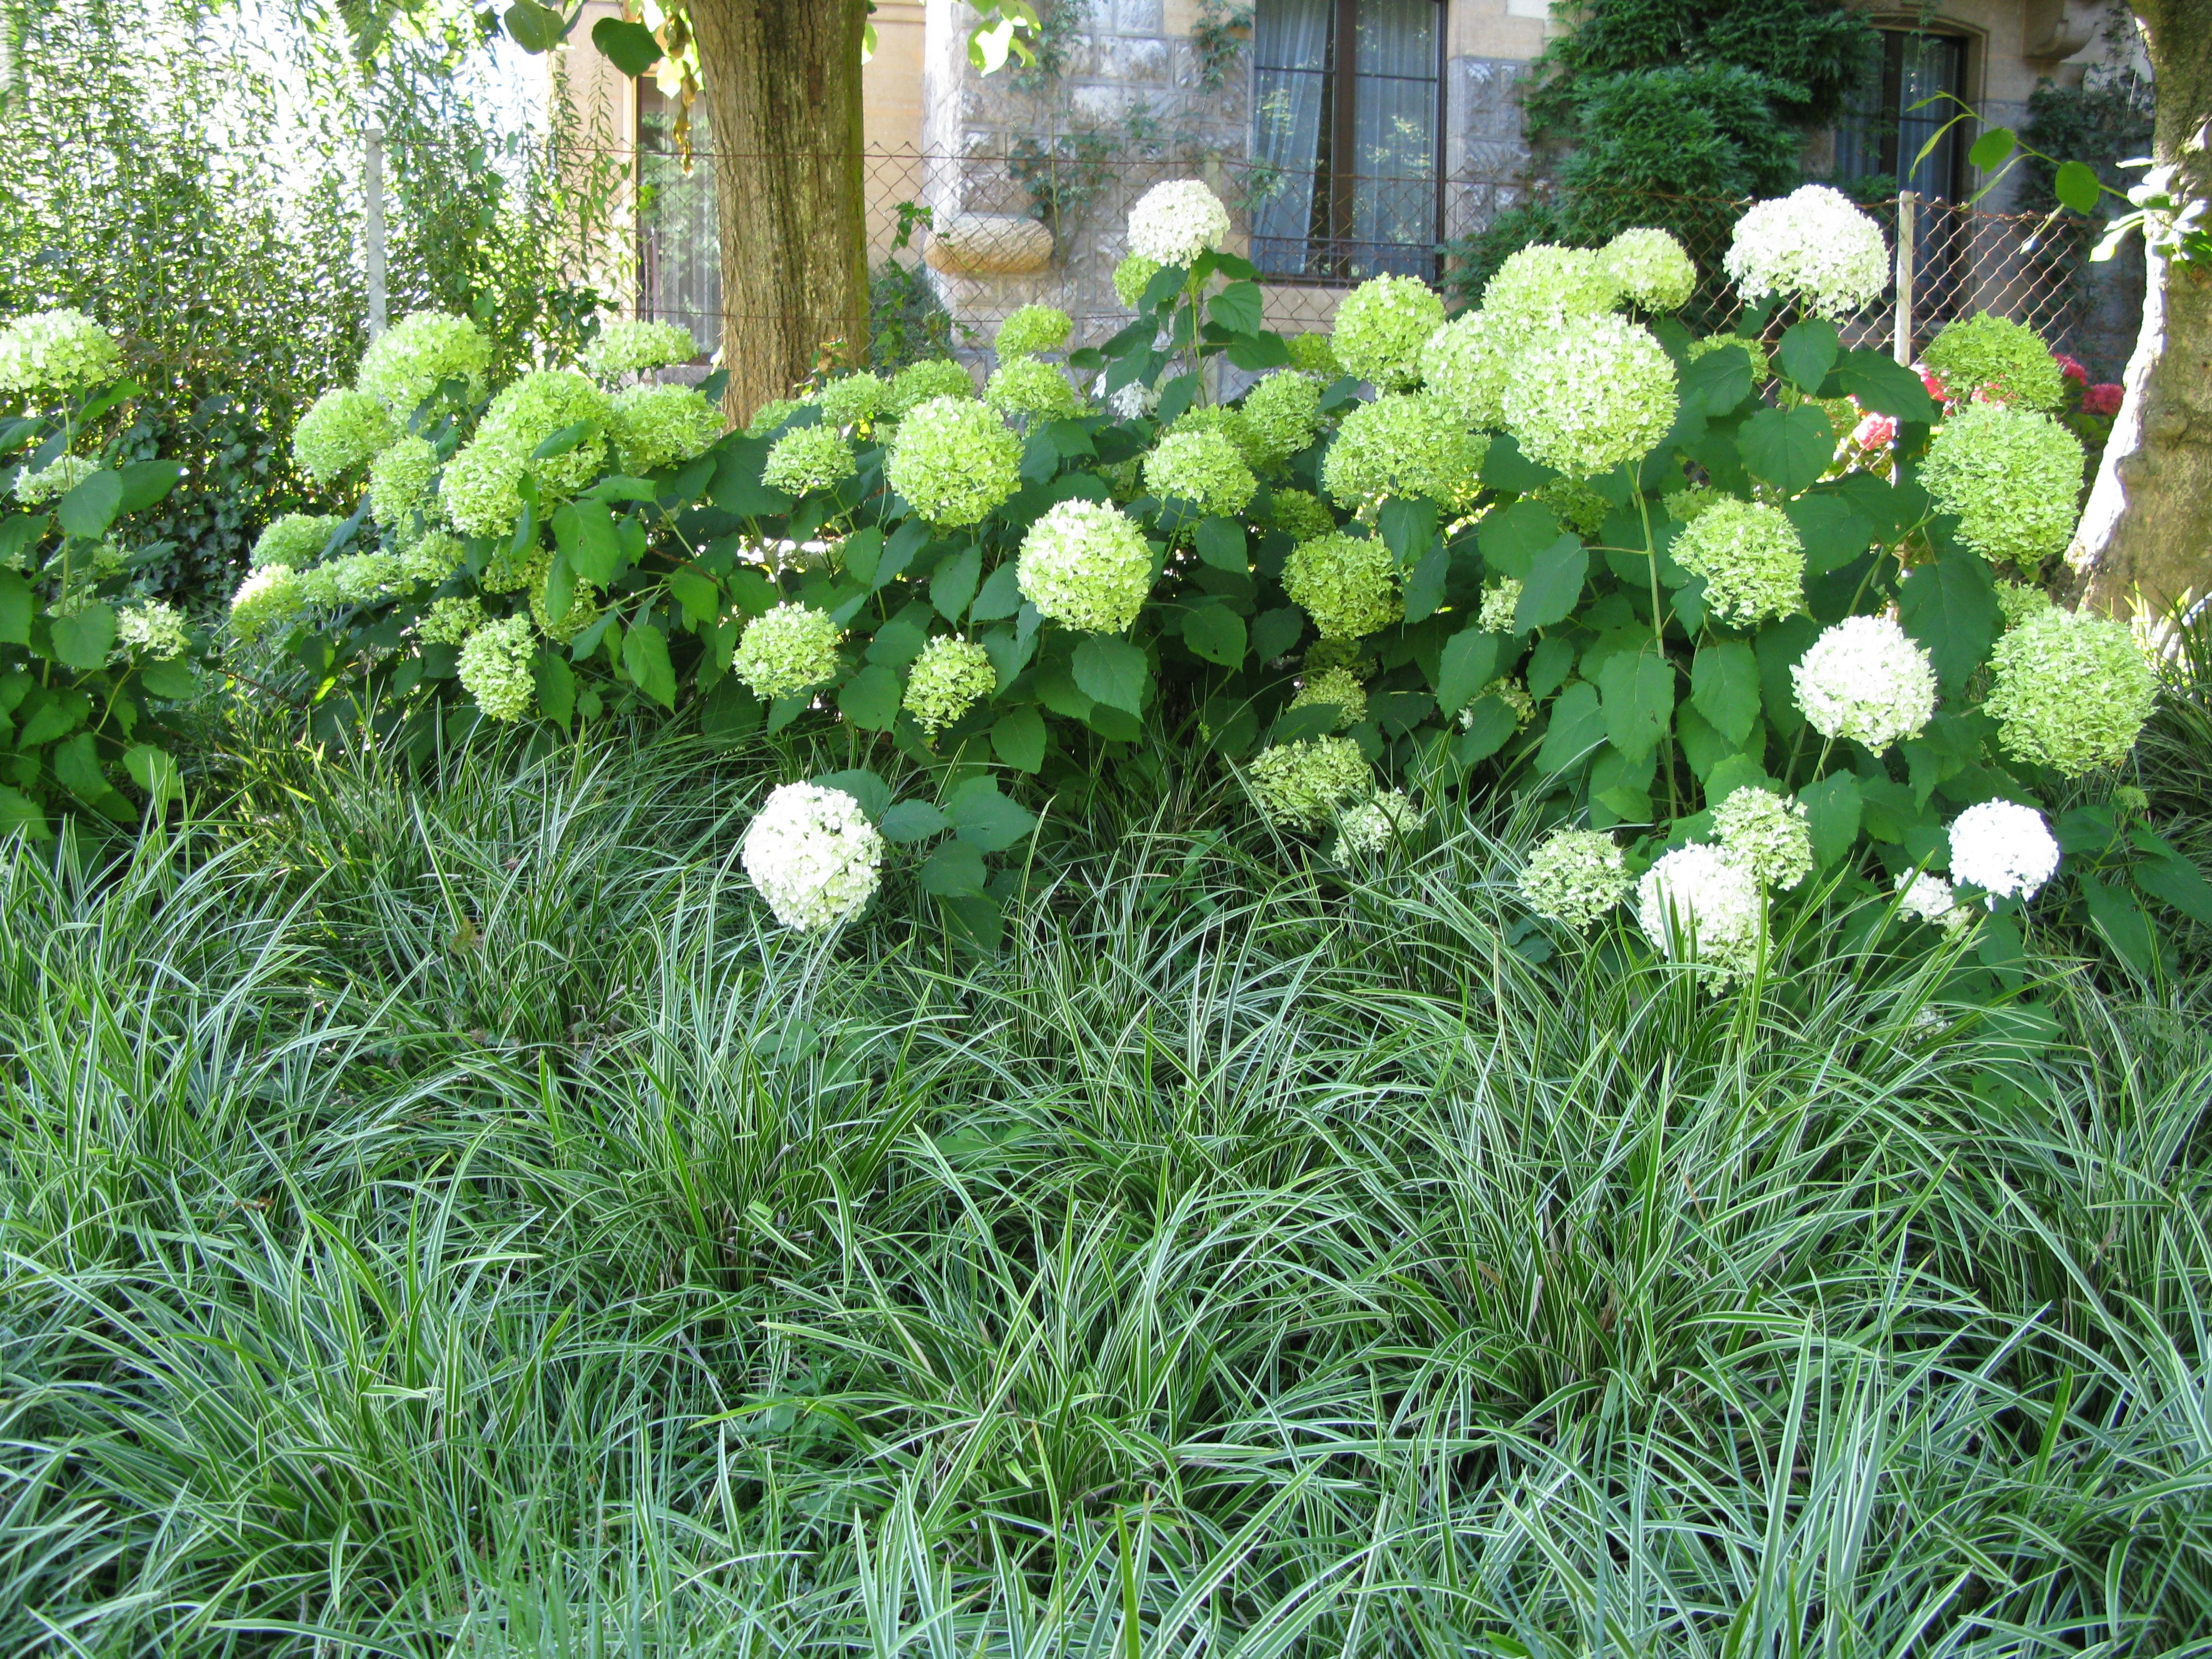 Piante Tappezzanti Ombra : Piante da ombra giardini in viaggio